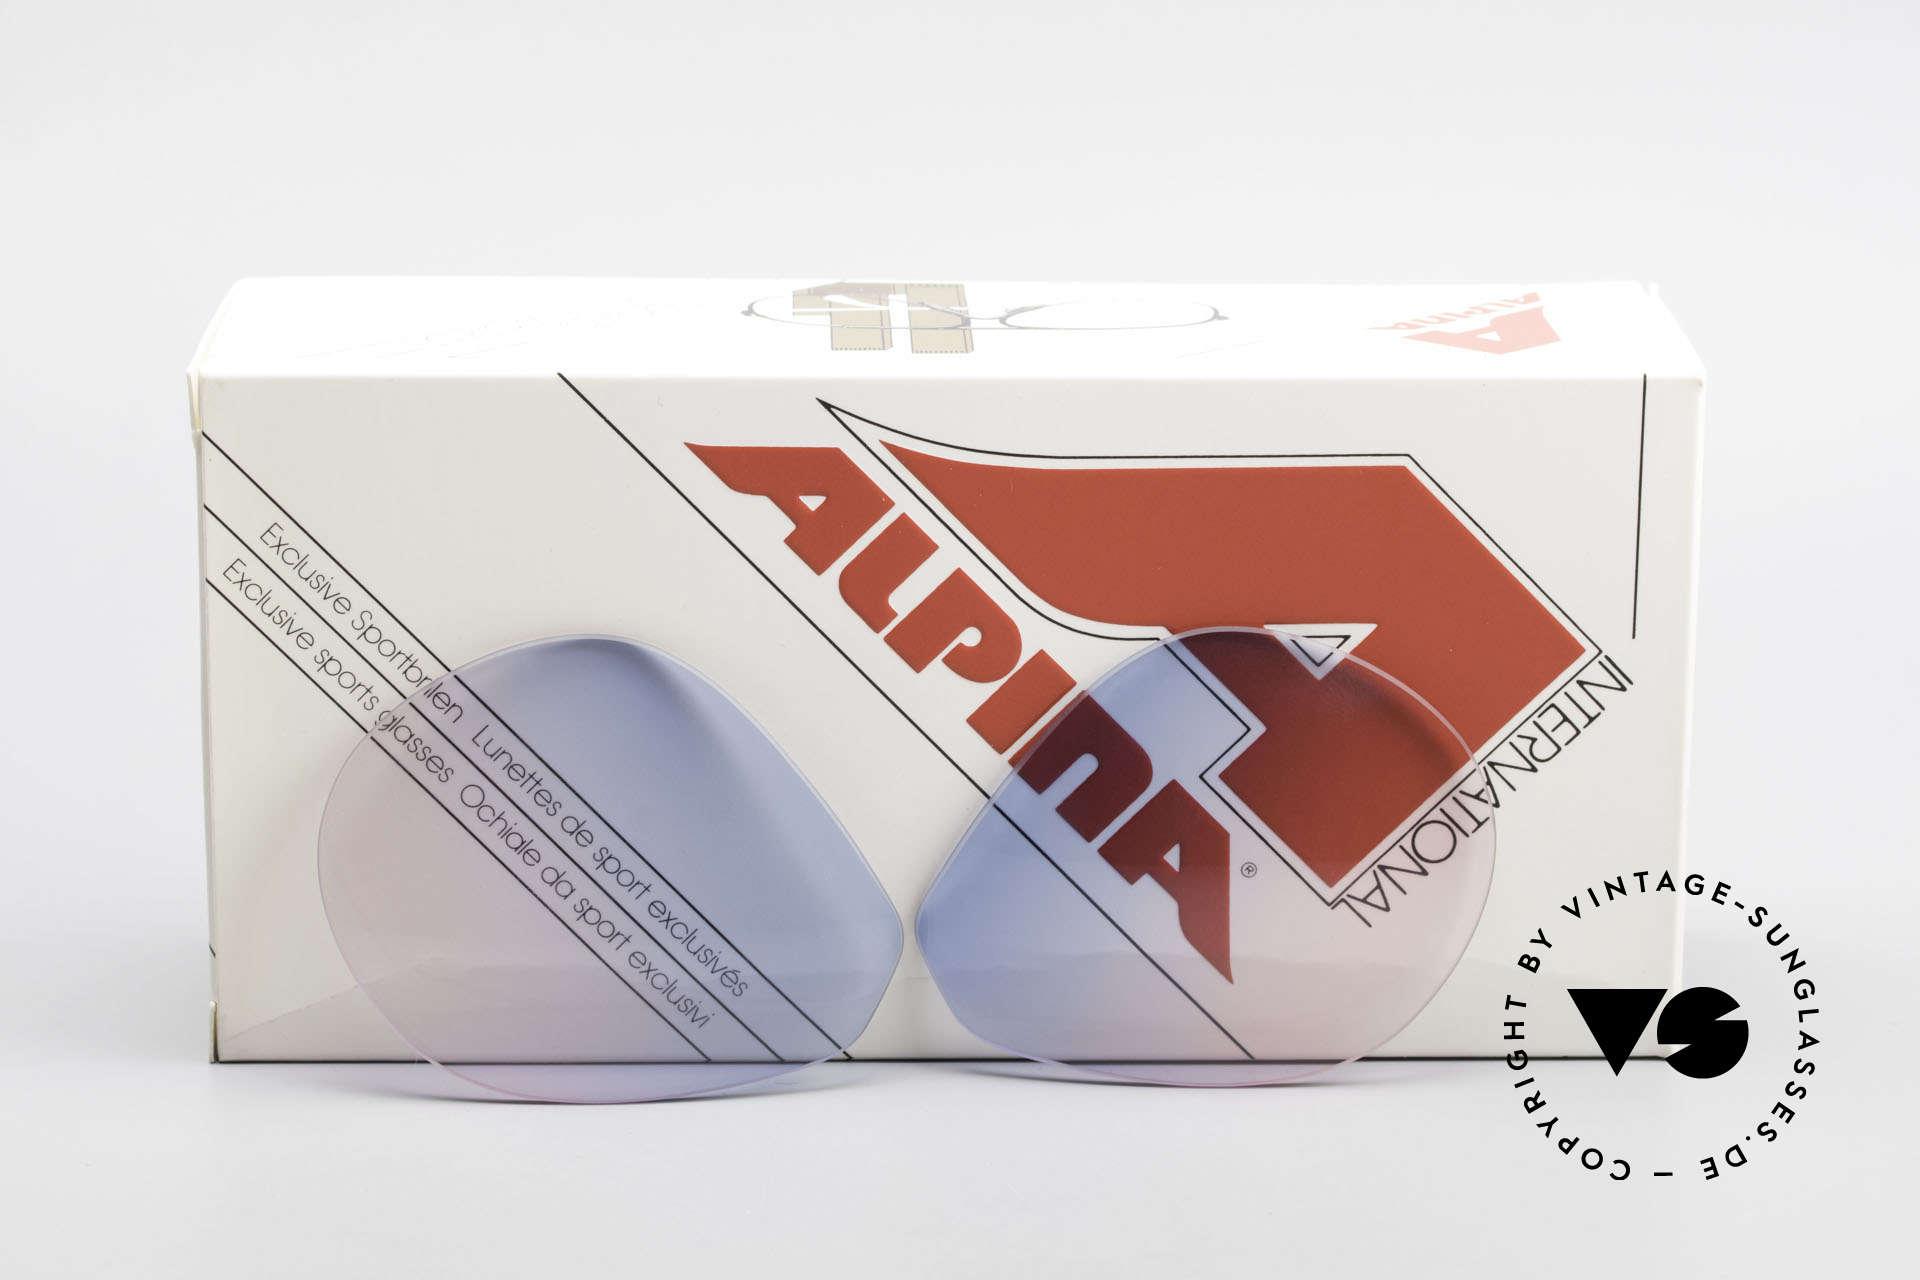 Alpina M1 Lenses Neue Gläser in Baby-Blau Pink, neue CR39 UV400 Kunststoff-Gläser (100% UV Schutz), Passend für Herren und Damen